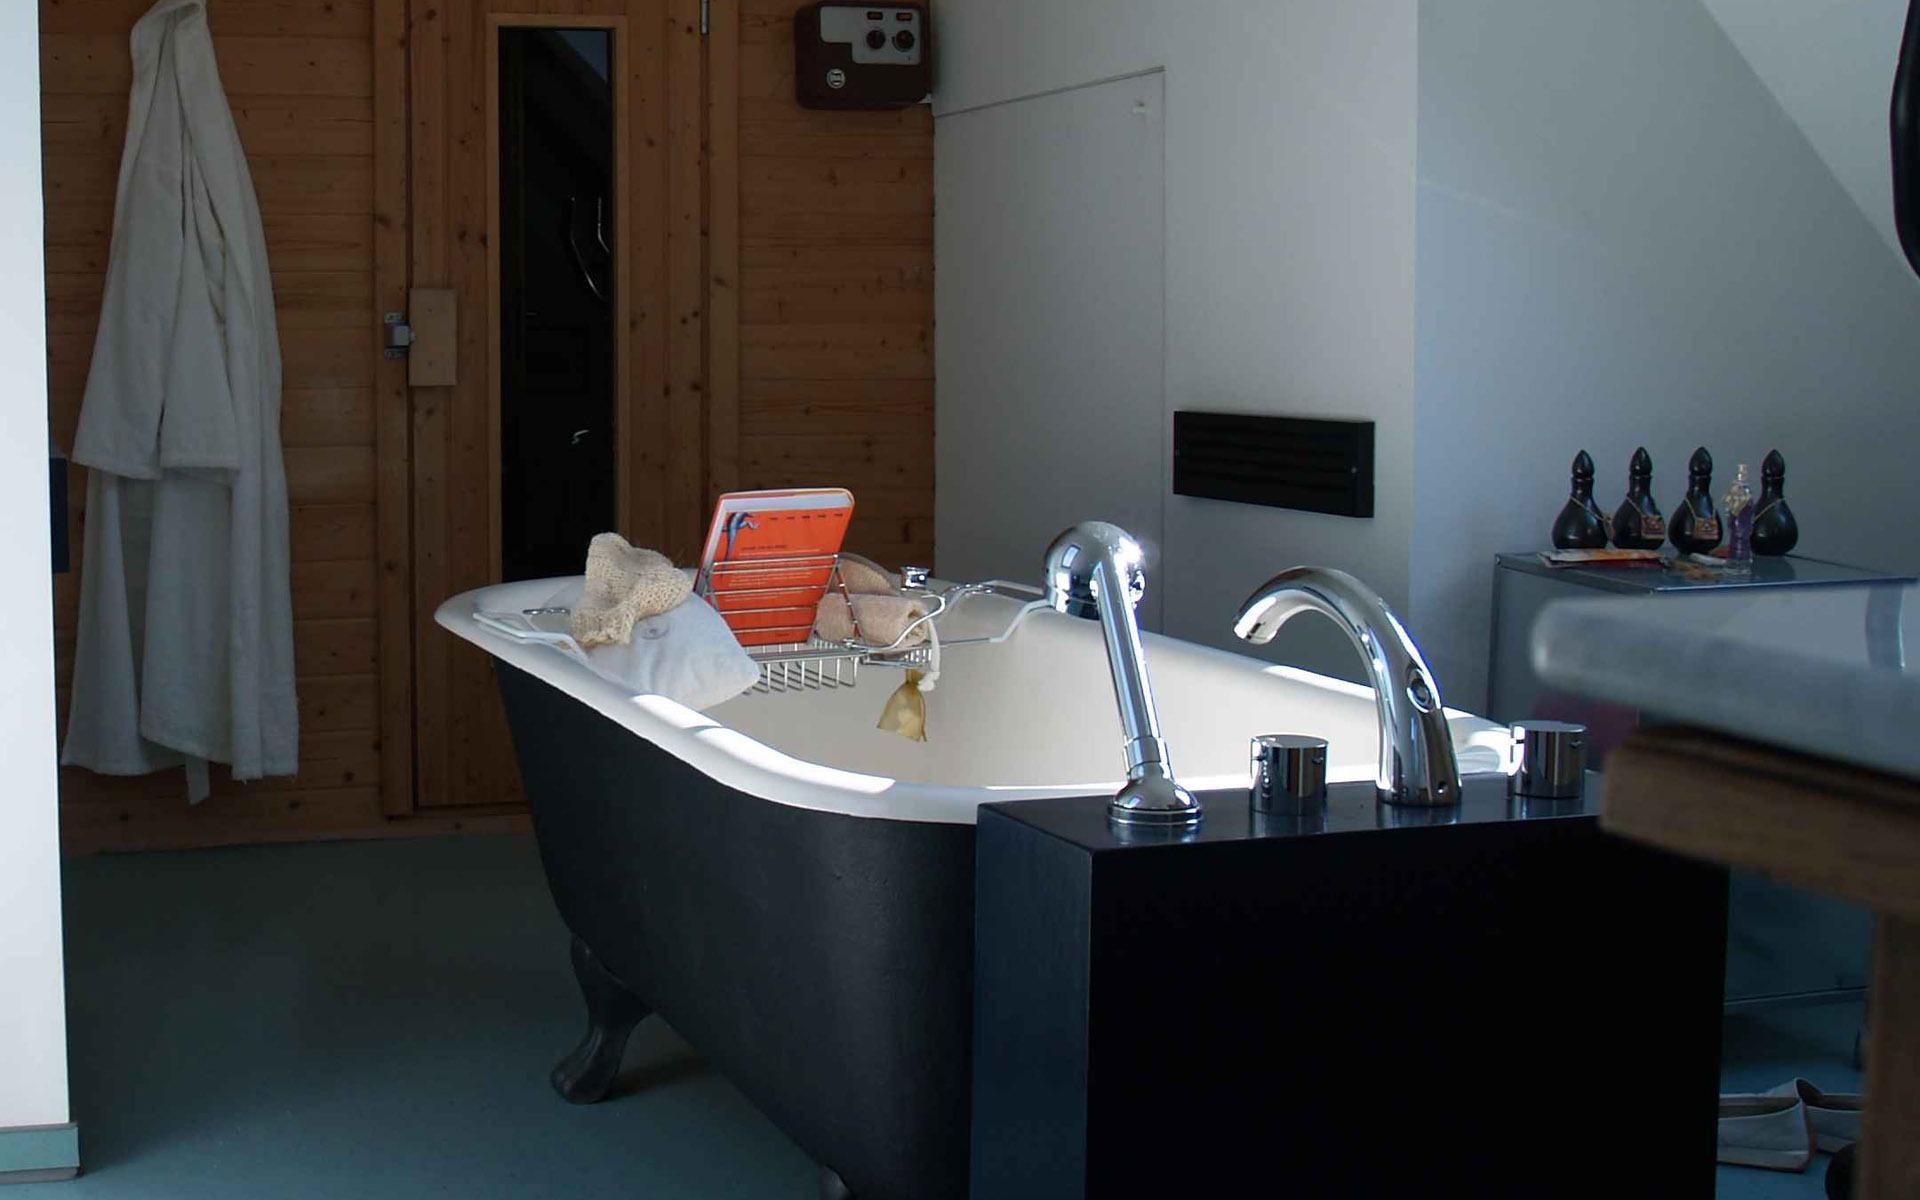 fond d 39 cran photo salle de bain 2 6 1920x1200 fond d 39 cran t l charger fond d 39 cran. Black Bedroom Furniture Sets. Home Design Ideas